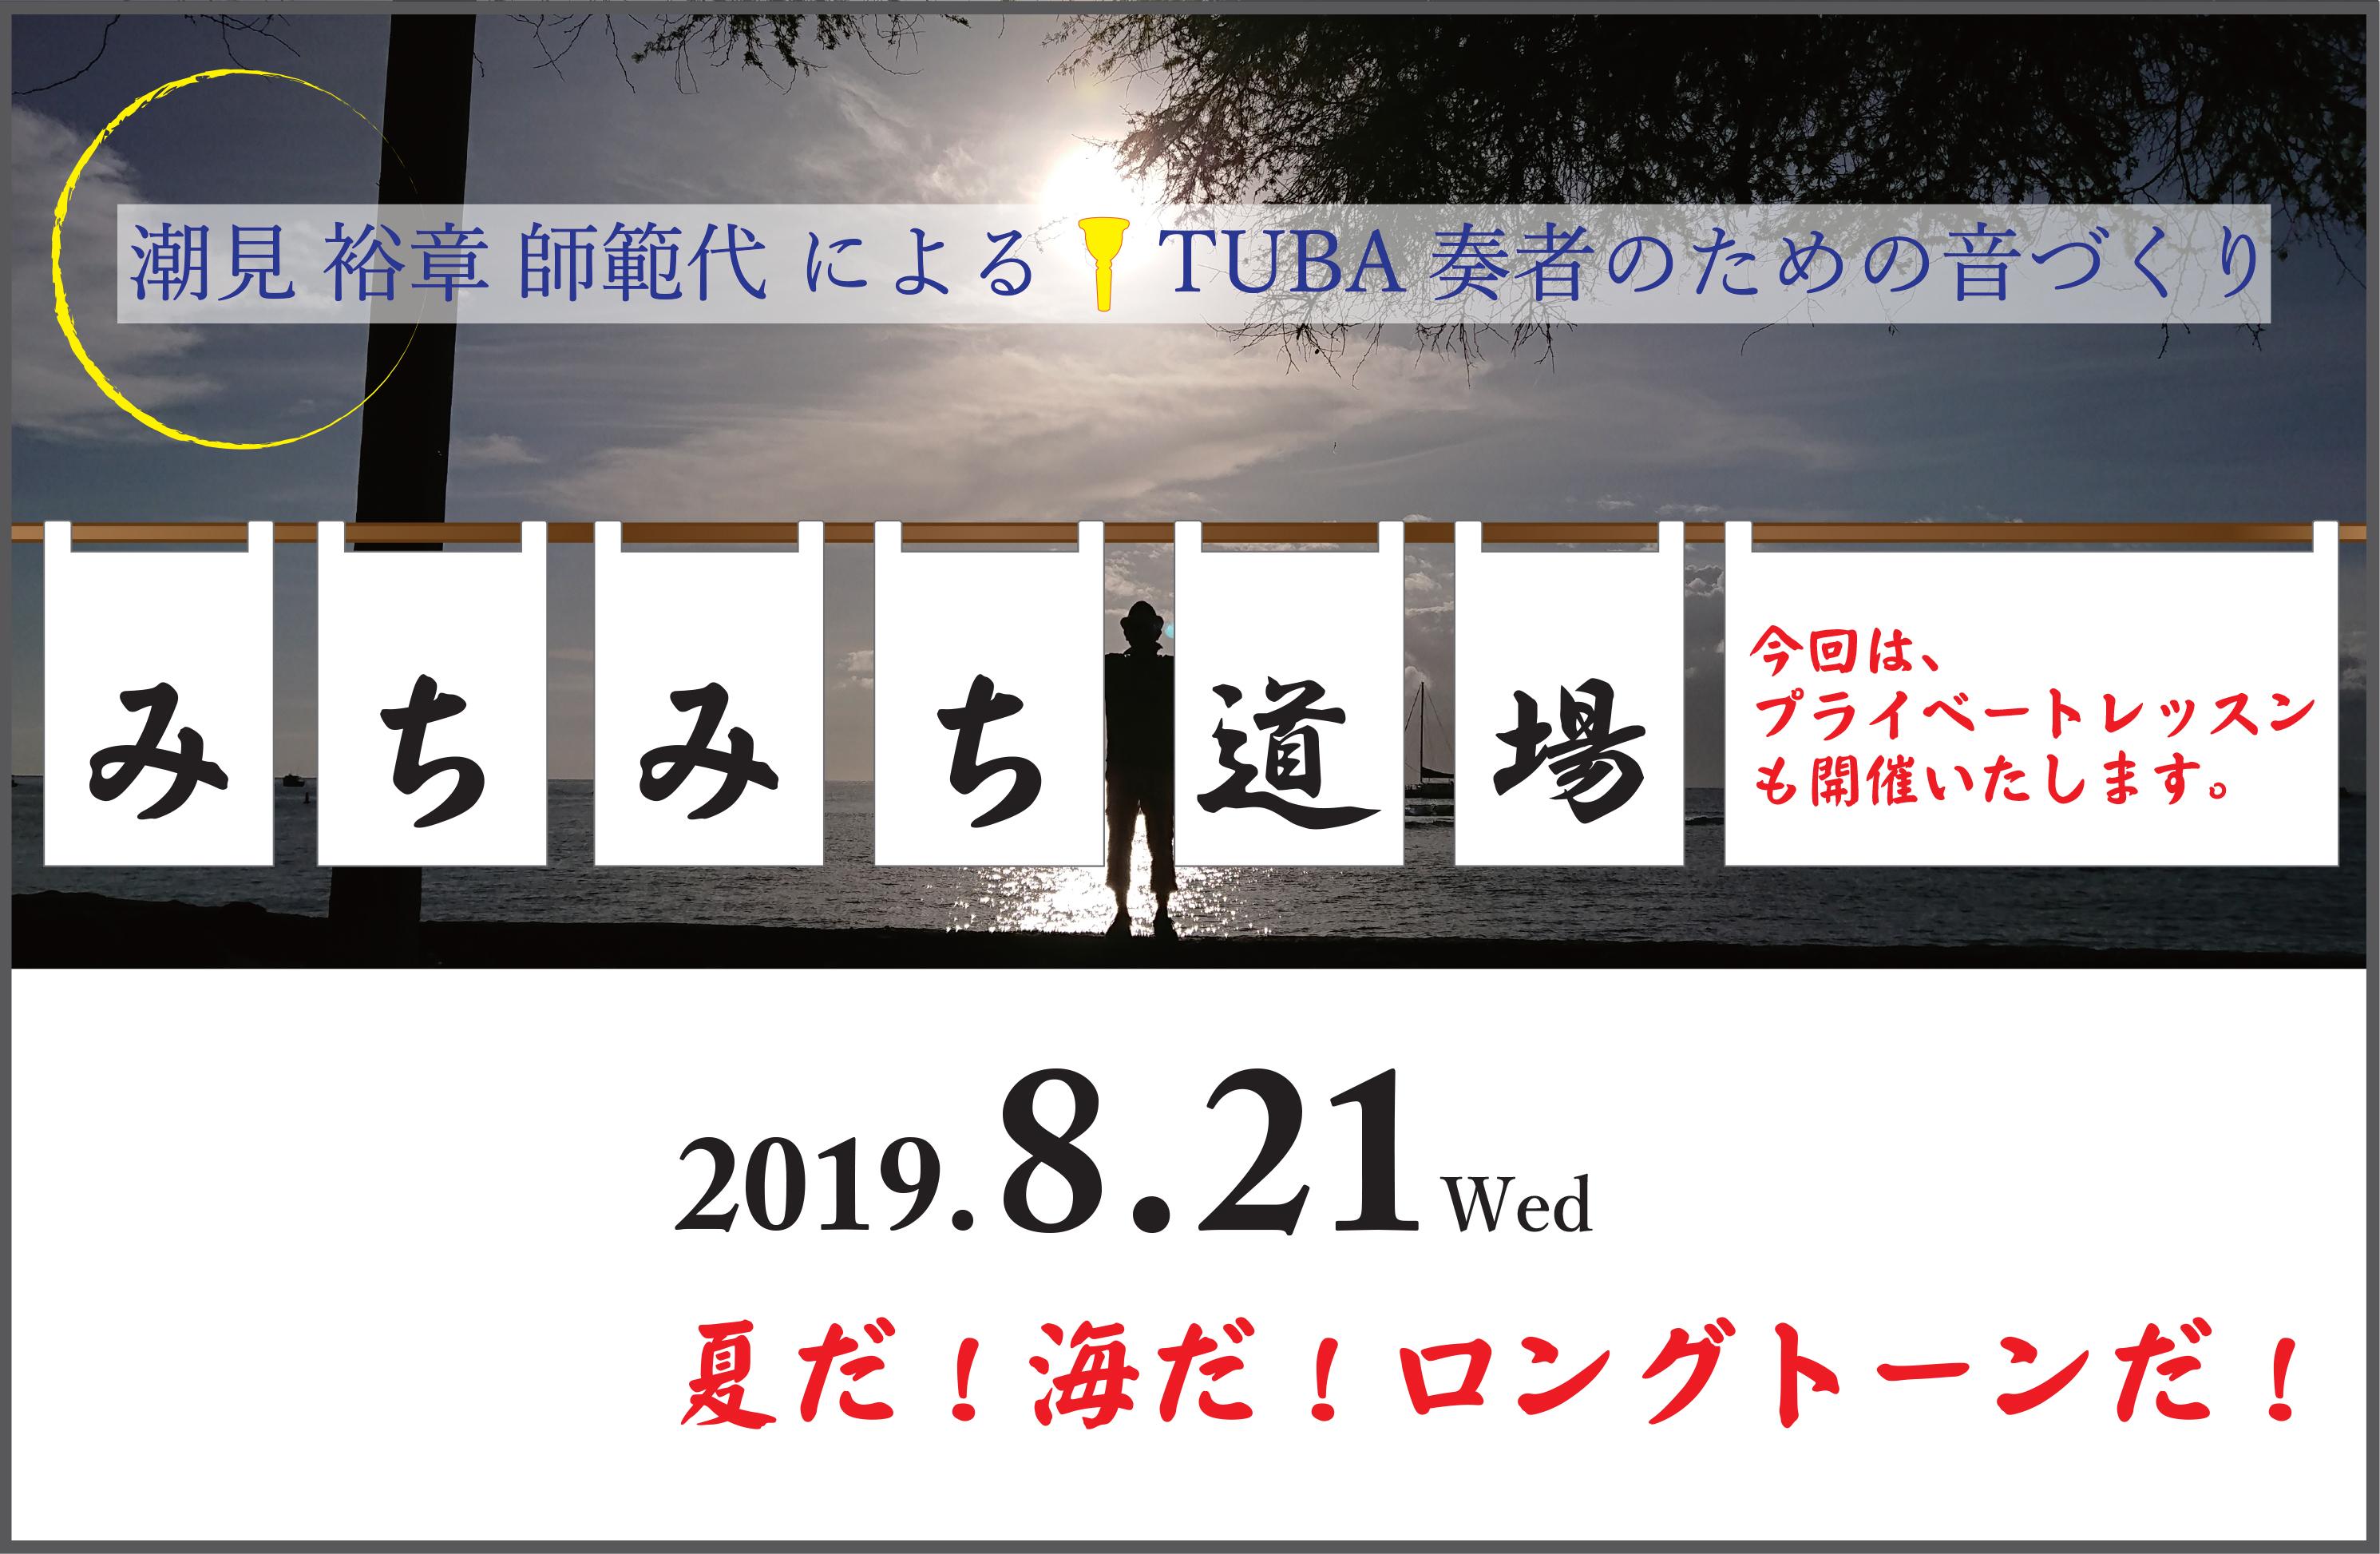 みちみち道場 横浜場所<br> ~夏だ!海だ!ロングトーンだ!~